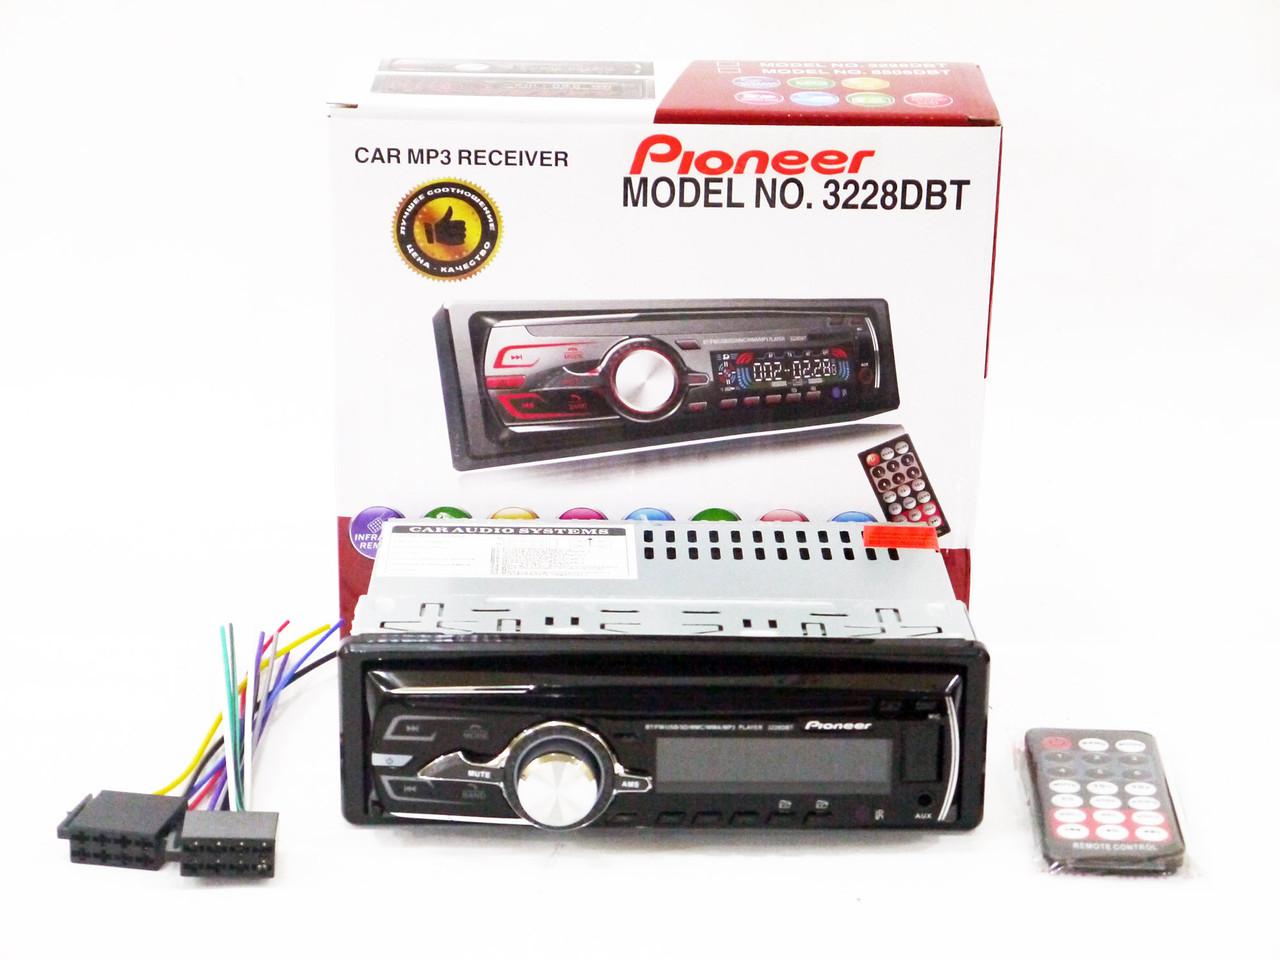 Автомагнитола Pioneer 3228 DBT Bluetooth - Usb+RGB подсветка+Fm+Aux+ пульт